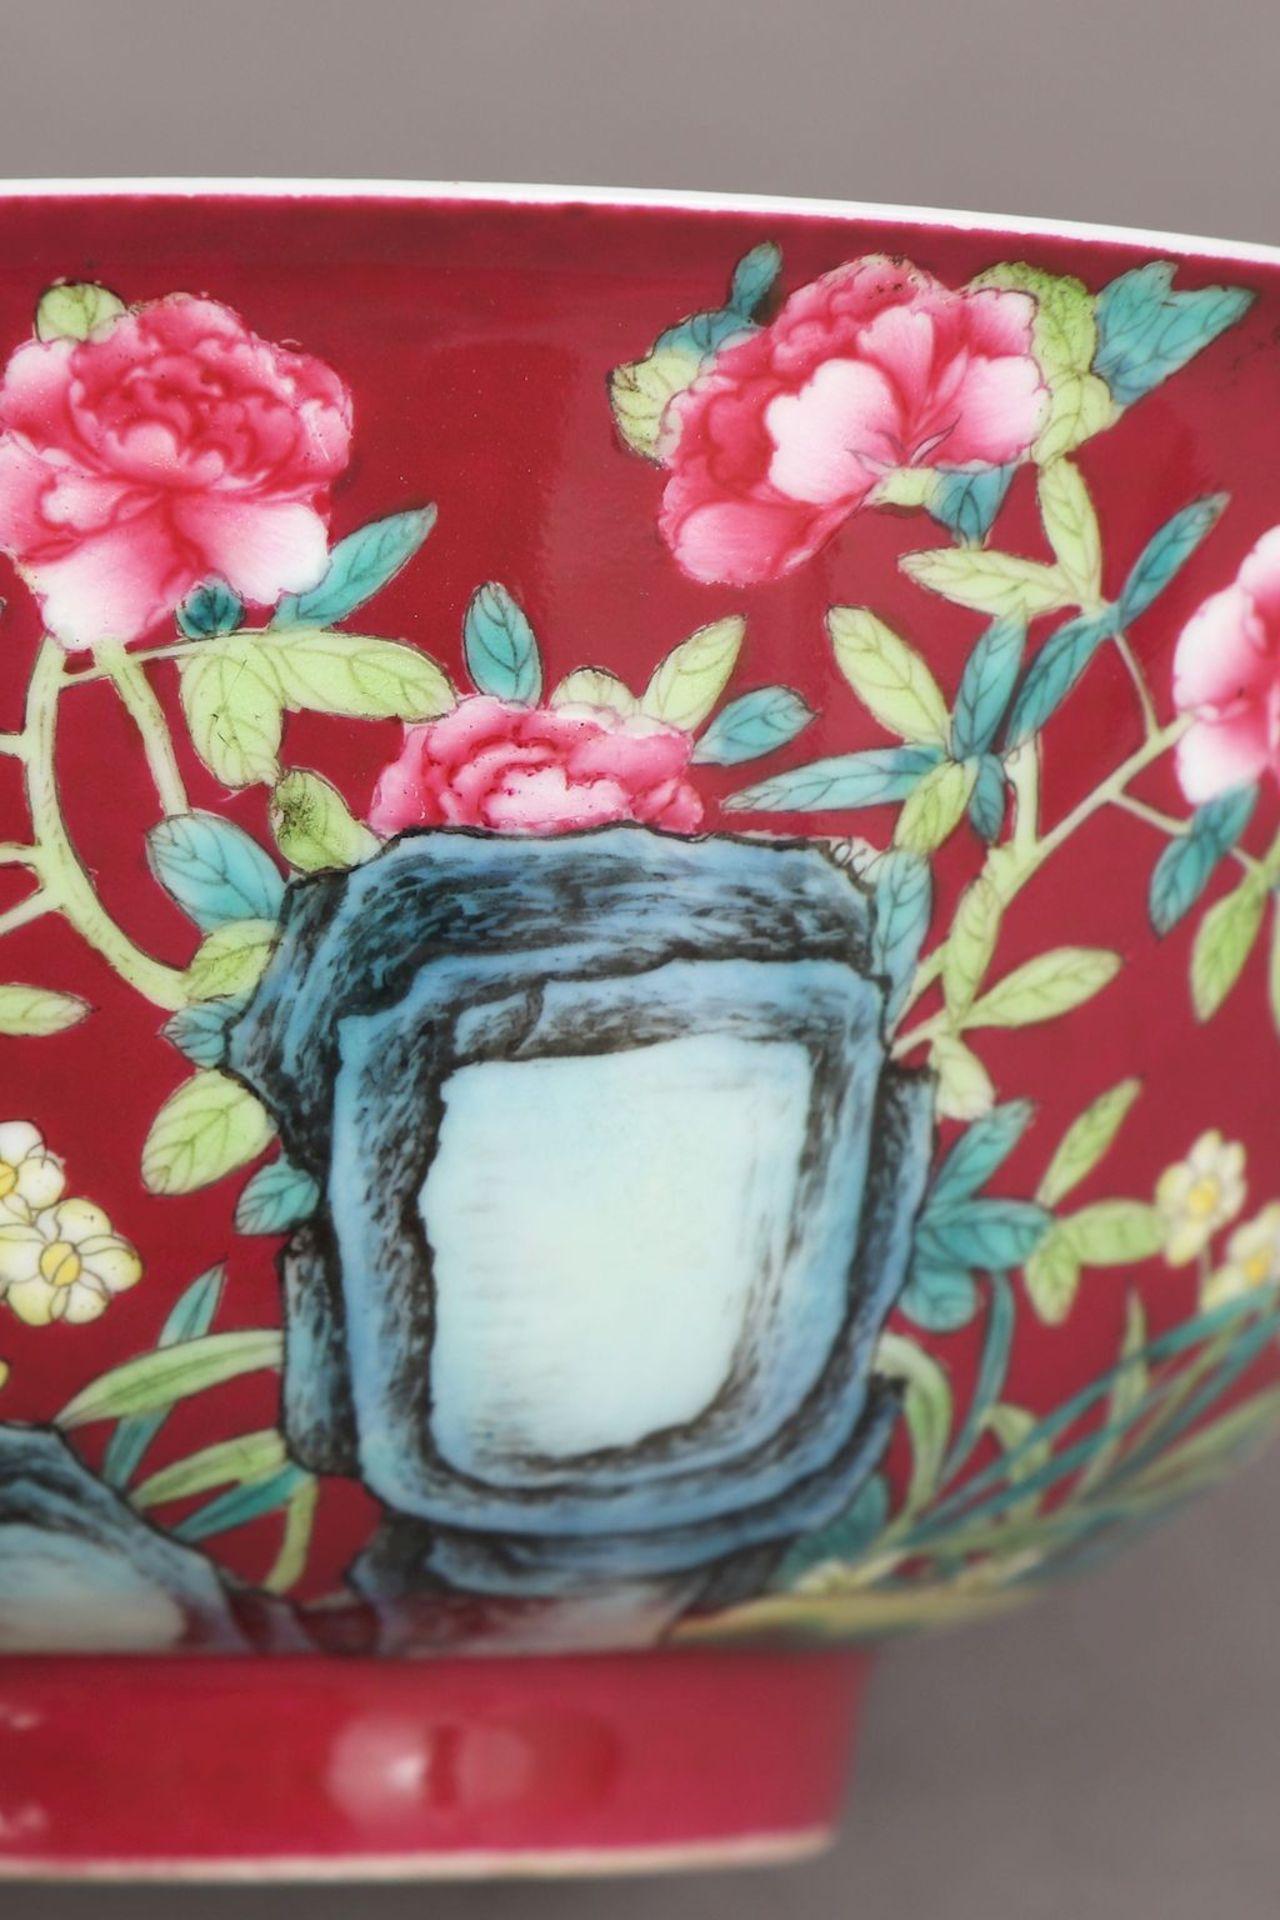 Chinesische Schale des 20./21. Jahrhunderts - Image 3 of 4